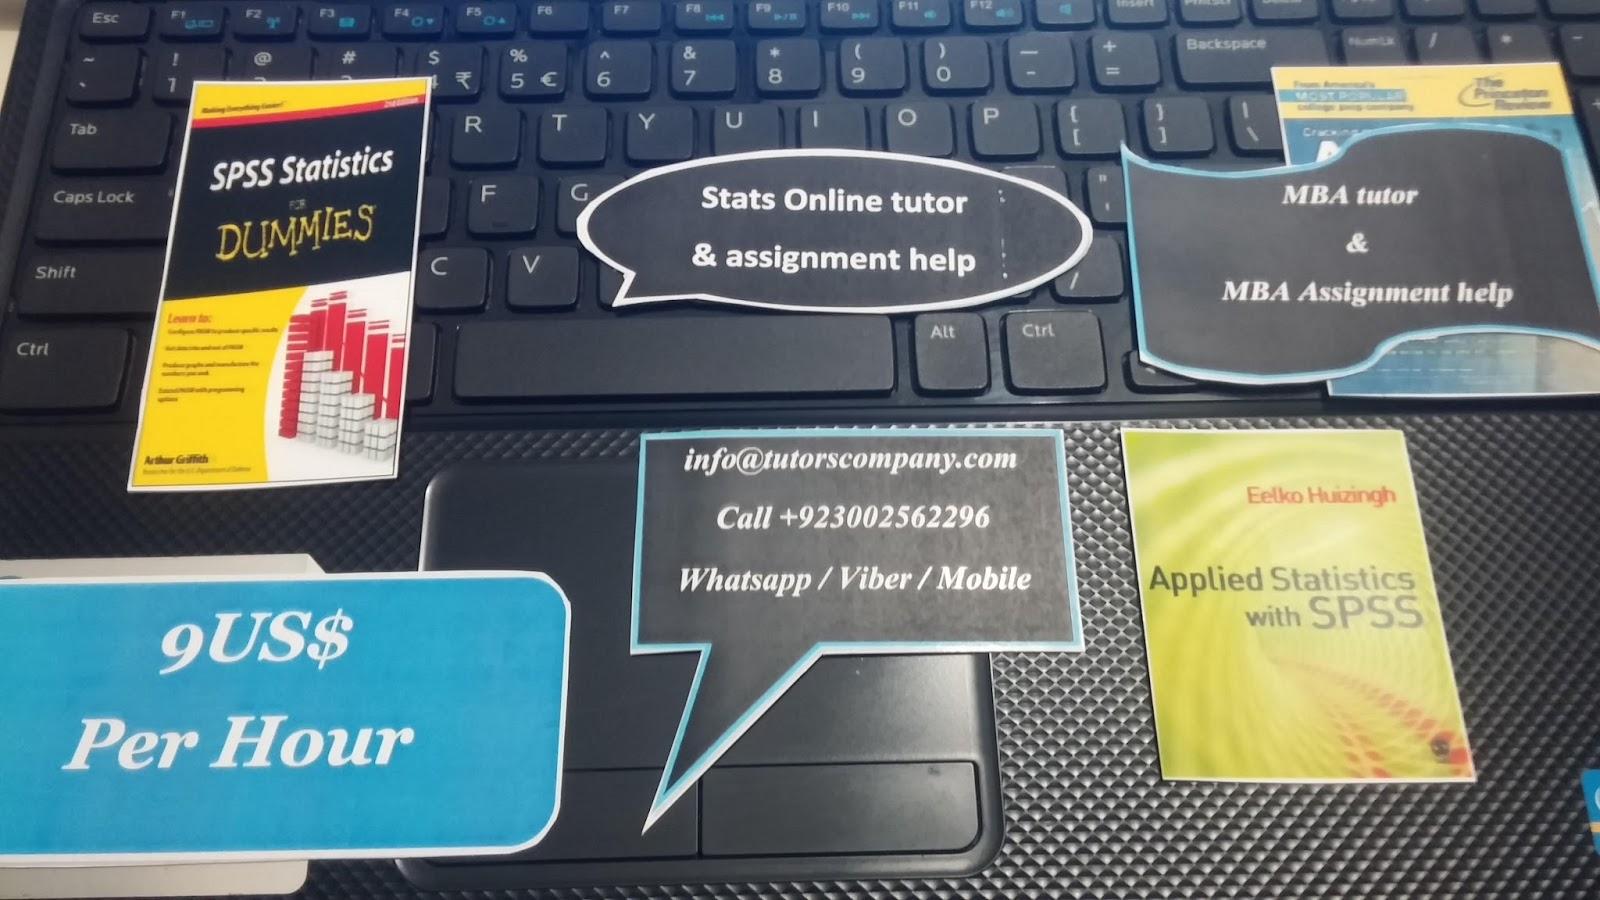 statistic tutor online